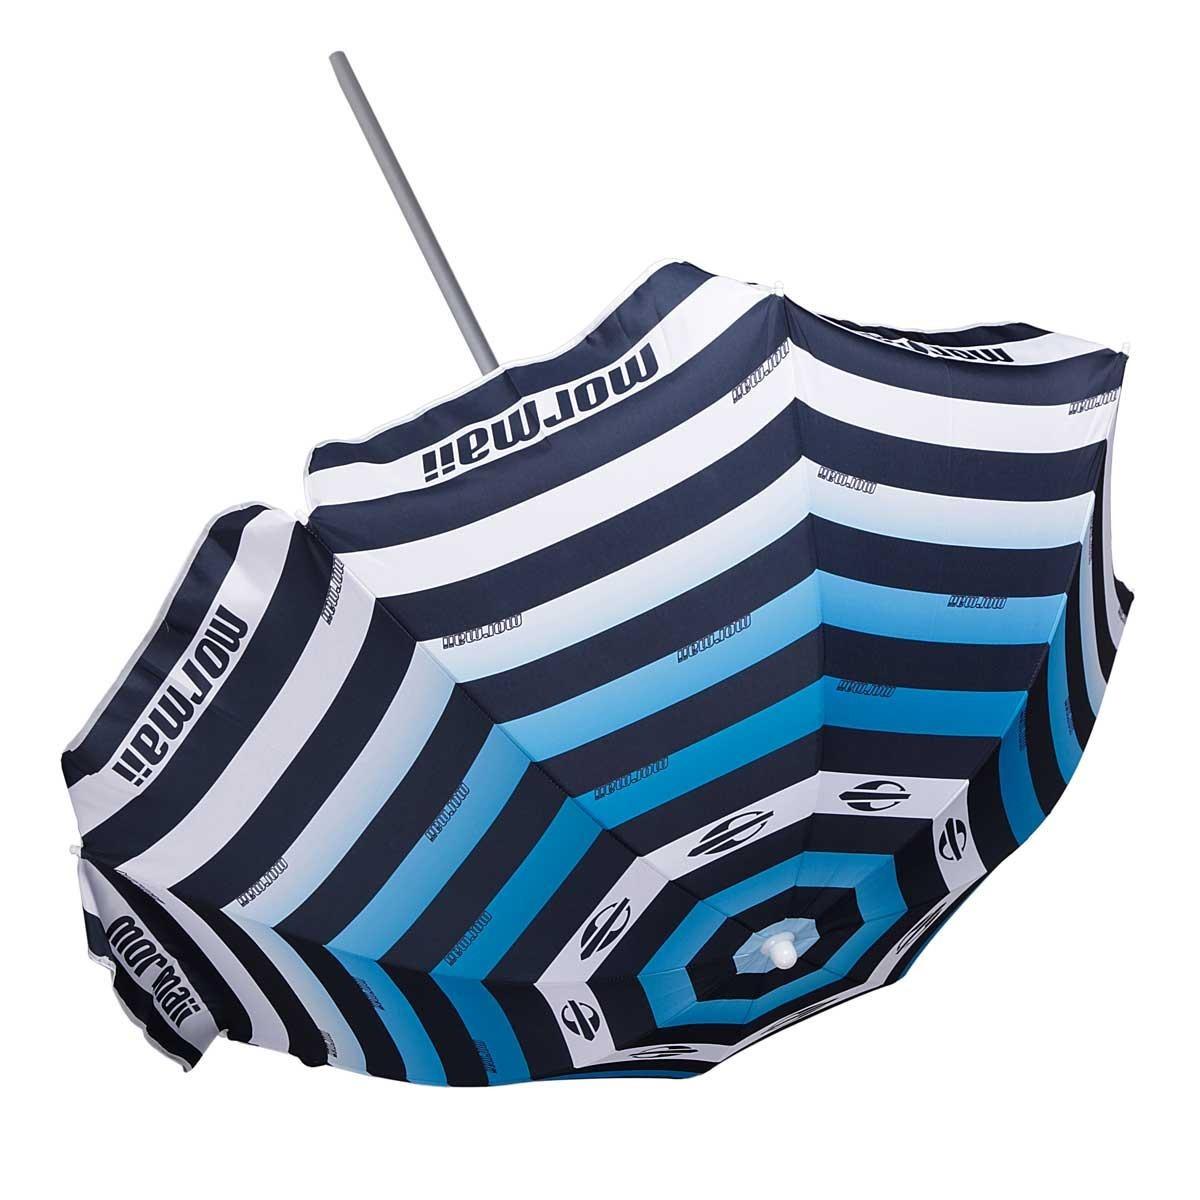 Guarda-sol Mormaii Listras Azuis Lançamento - R  149,90 em Mercado Livre ce67401e8f